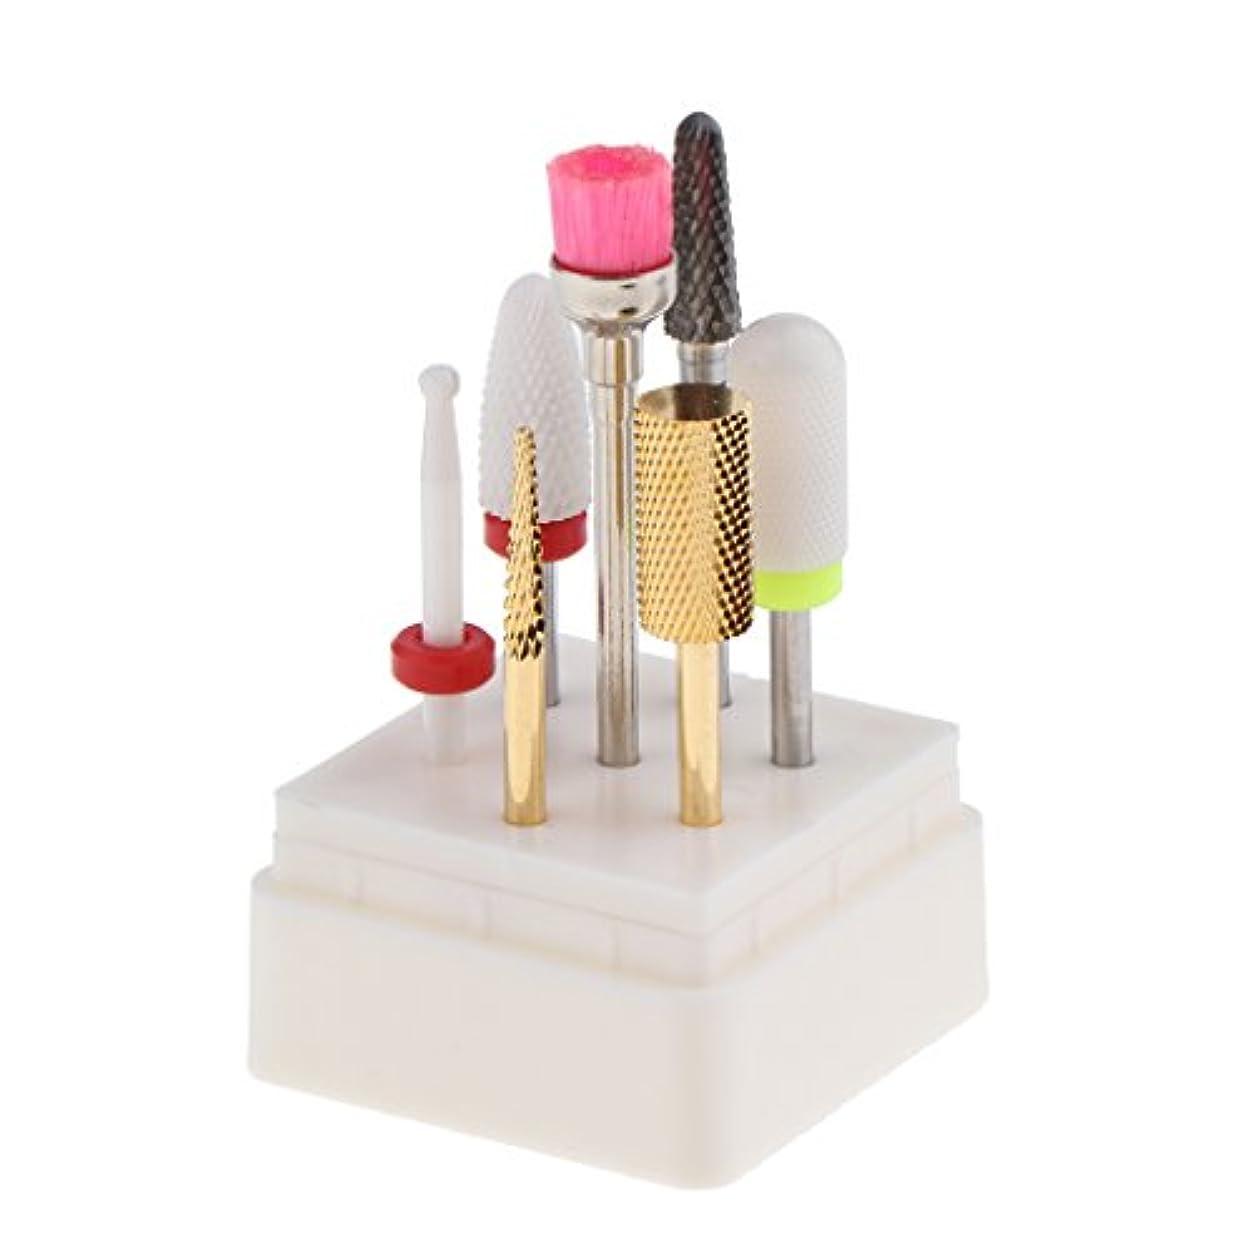 買う争うクライマックスToygogo 7ピース/個美容院セラミックネイルアートポリッシングヘッド電動ドリルビット3/32インインロータリーファイルロータリーファイルトップグラインドアクリルゲル除去グリット